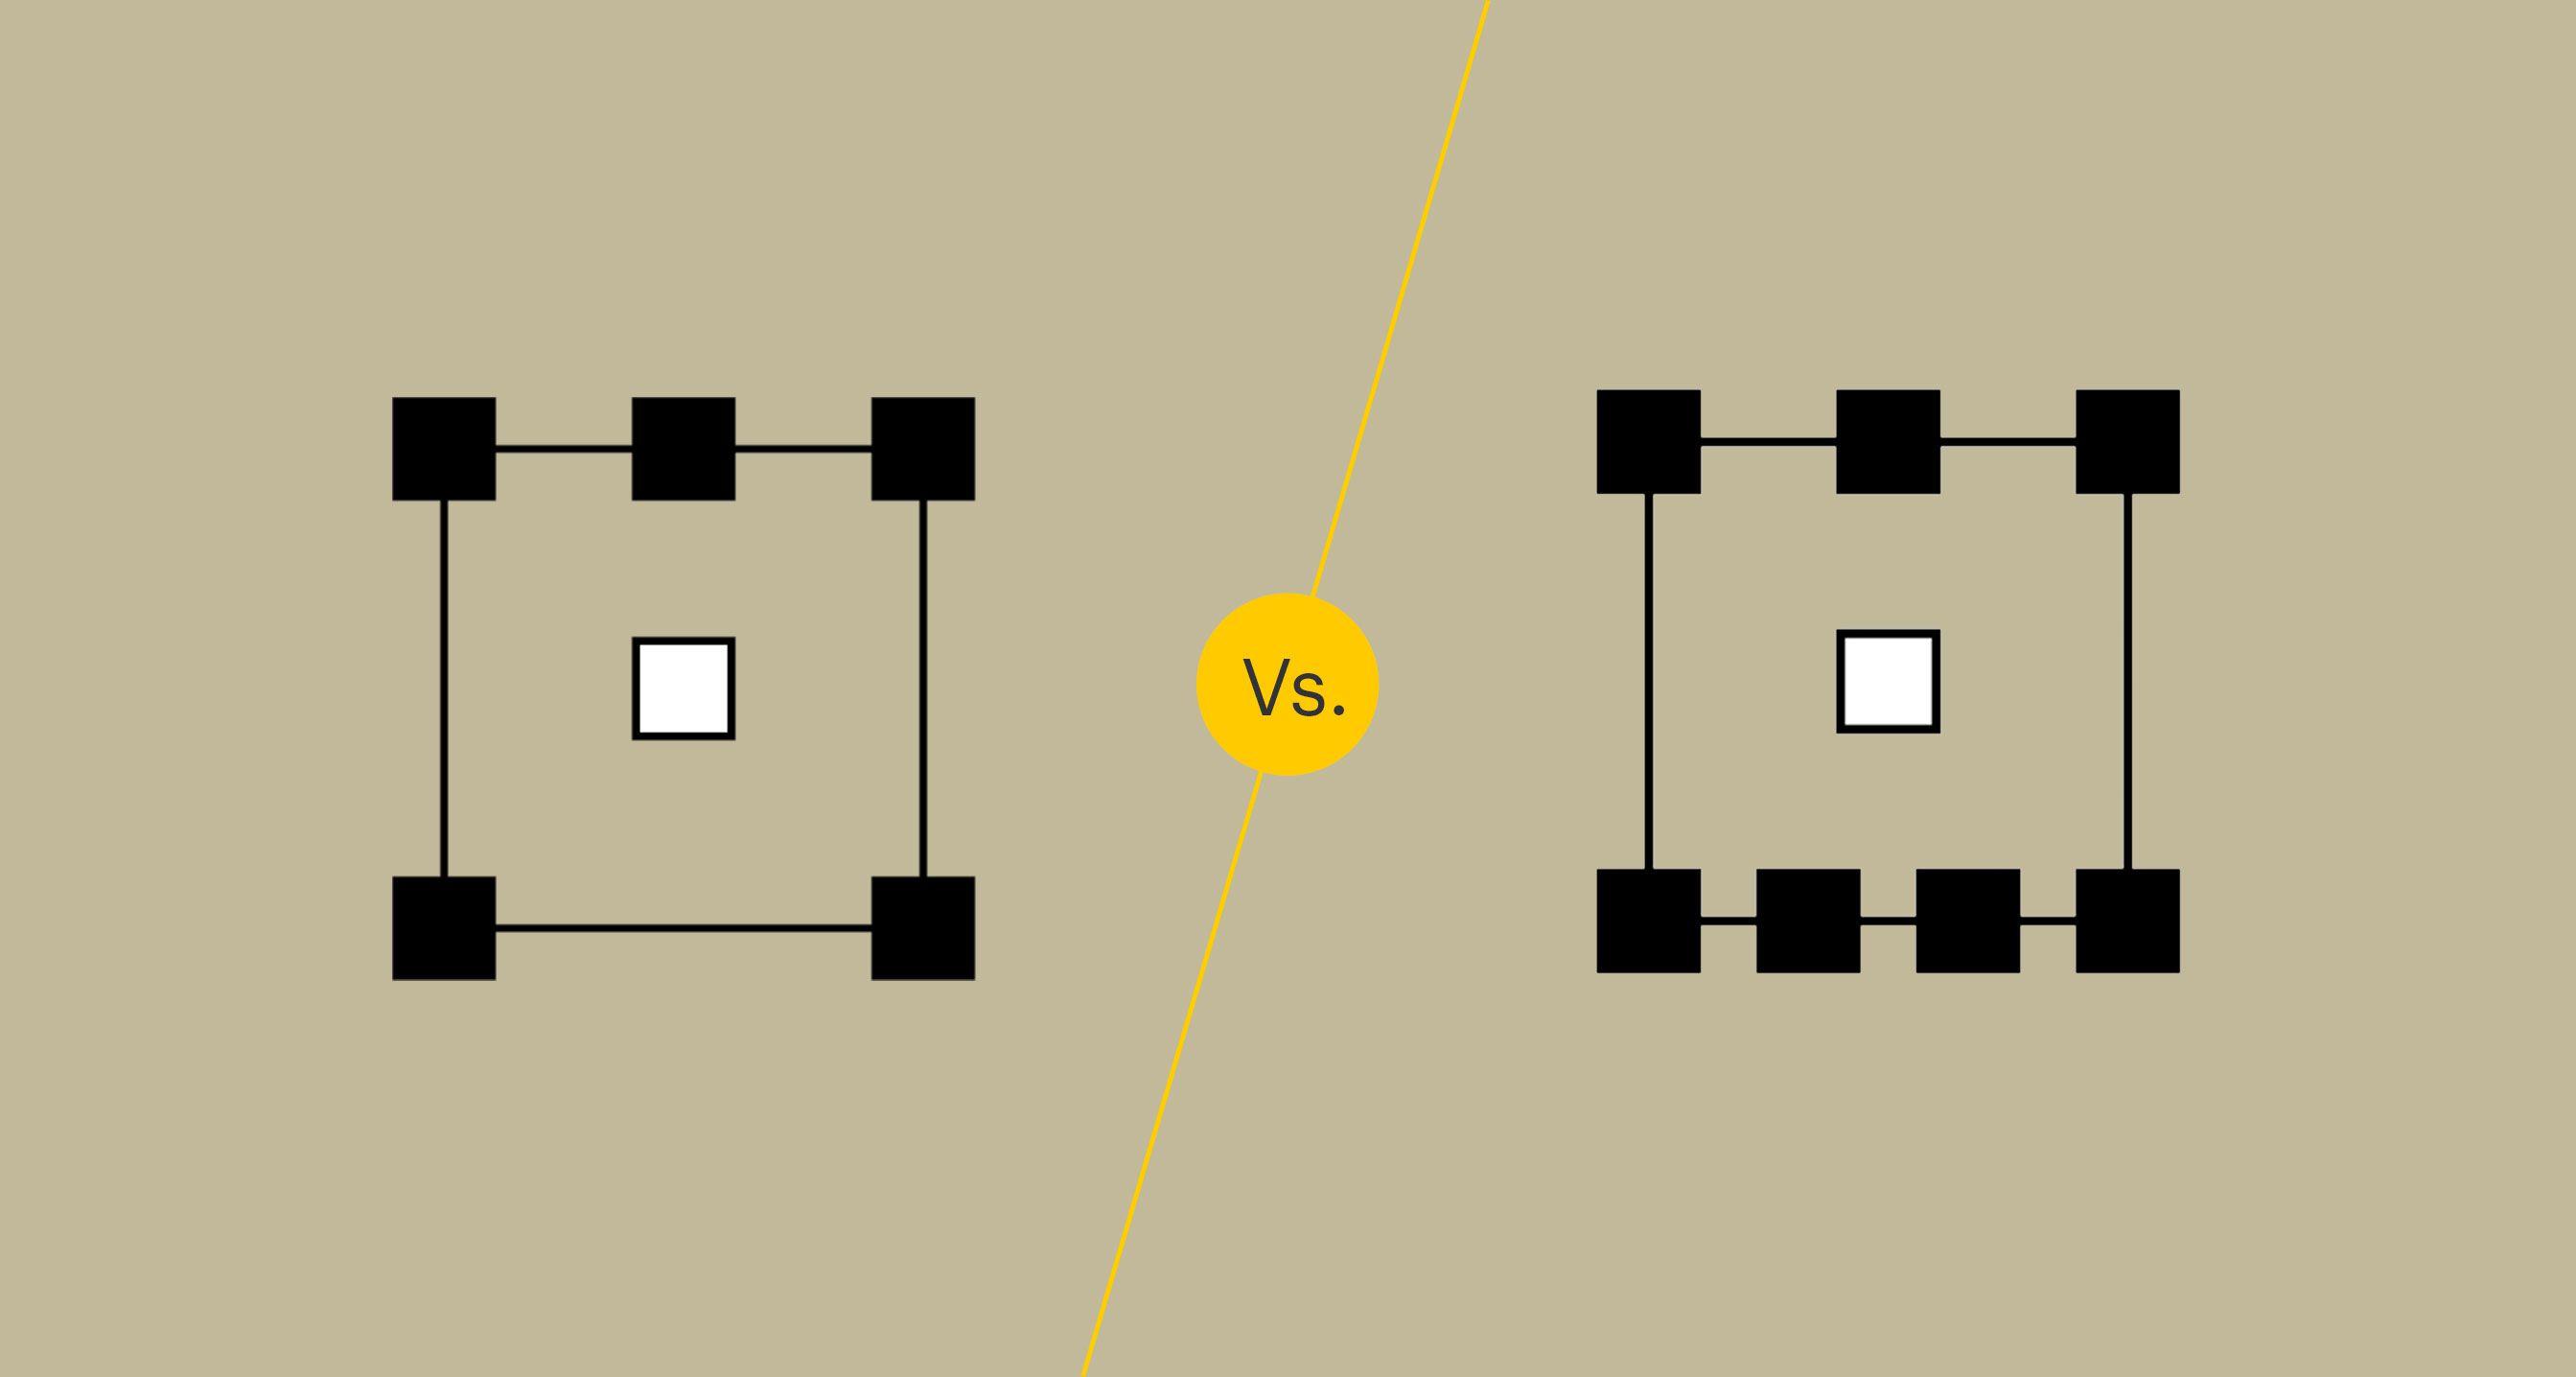 5.1 vs. 7.1 receivers